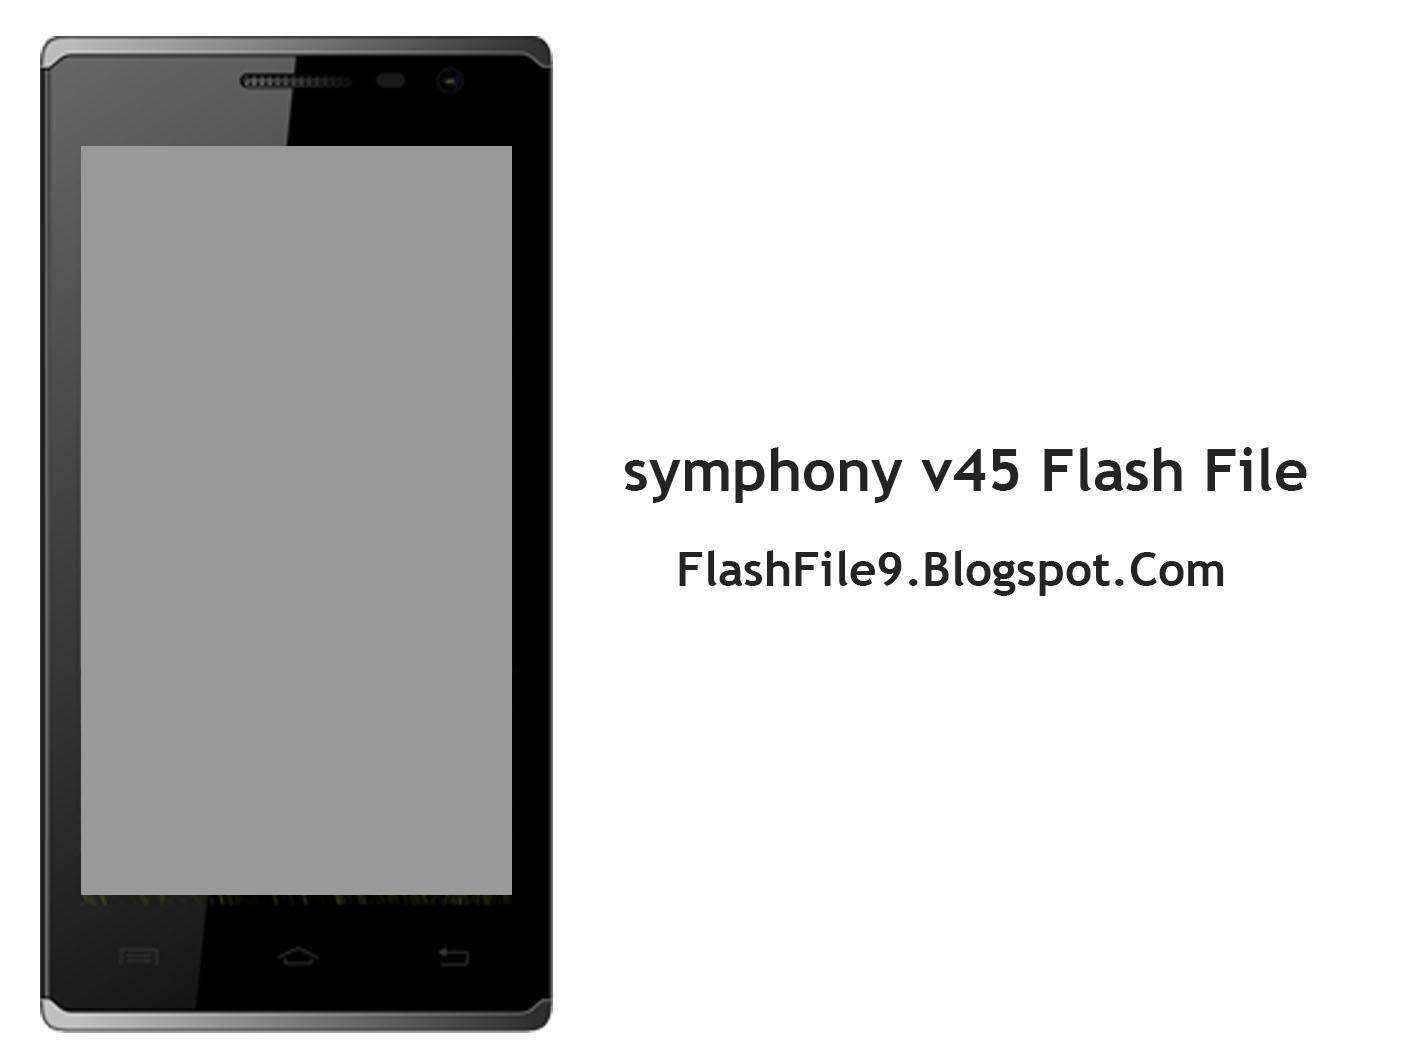 V45 symphony